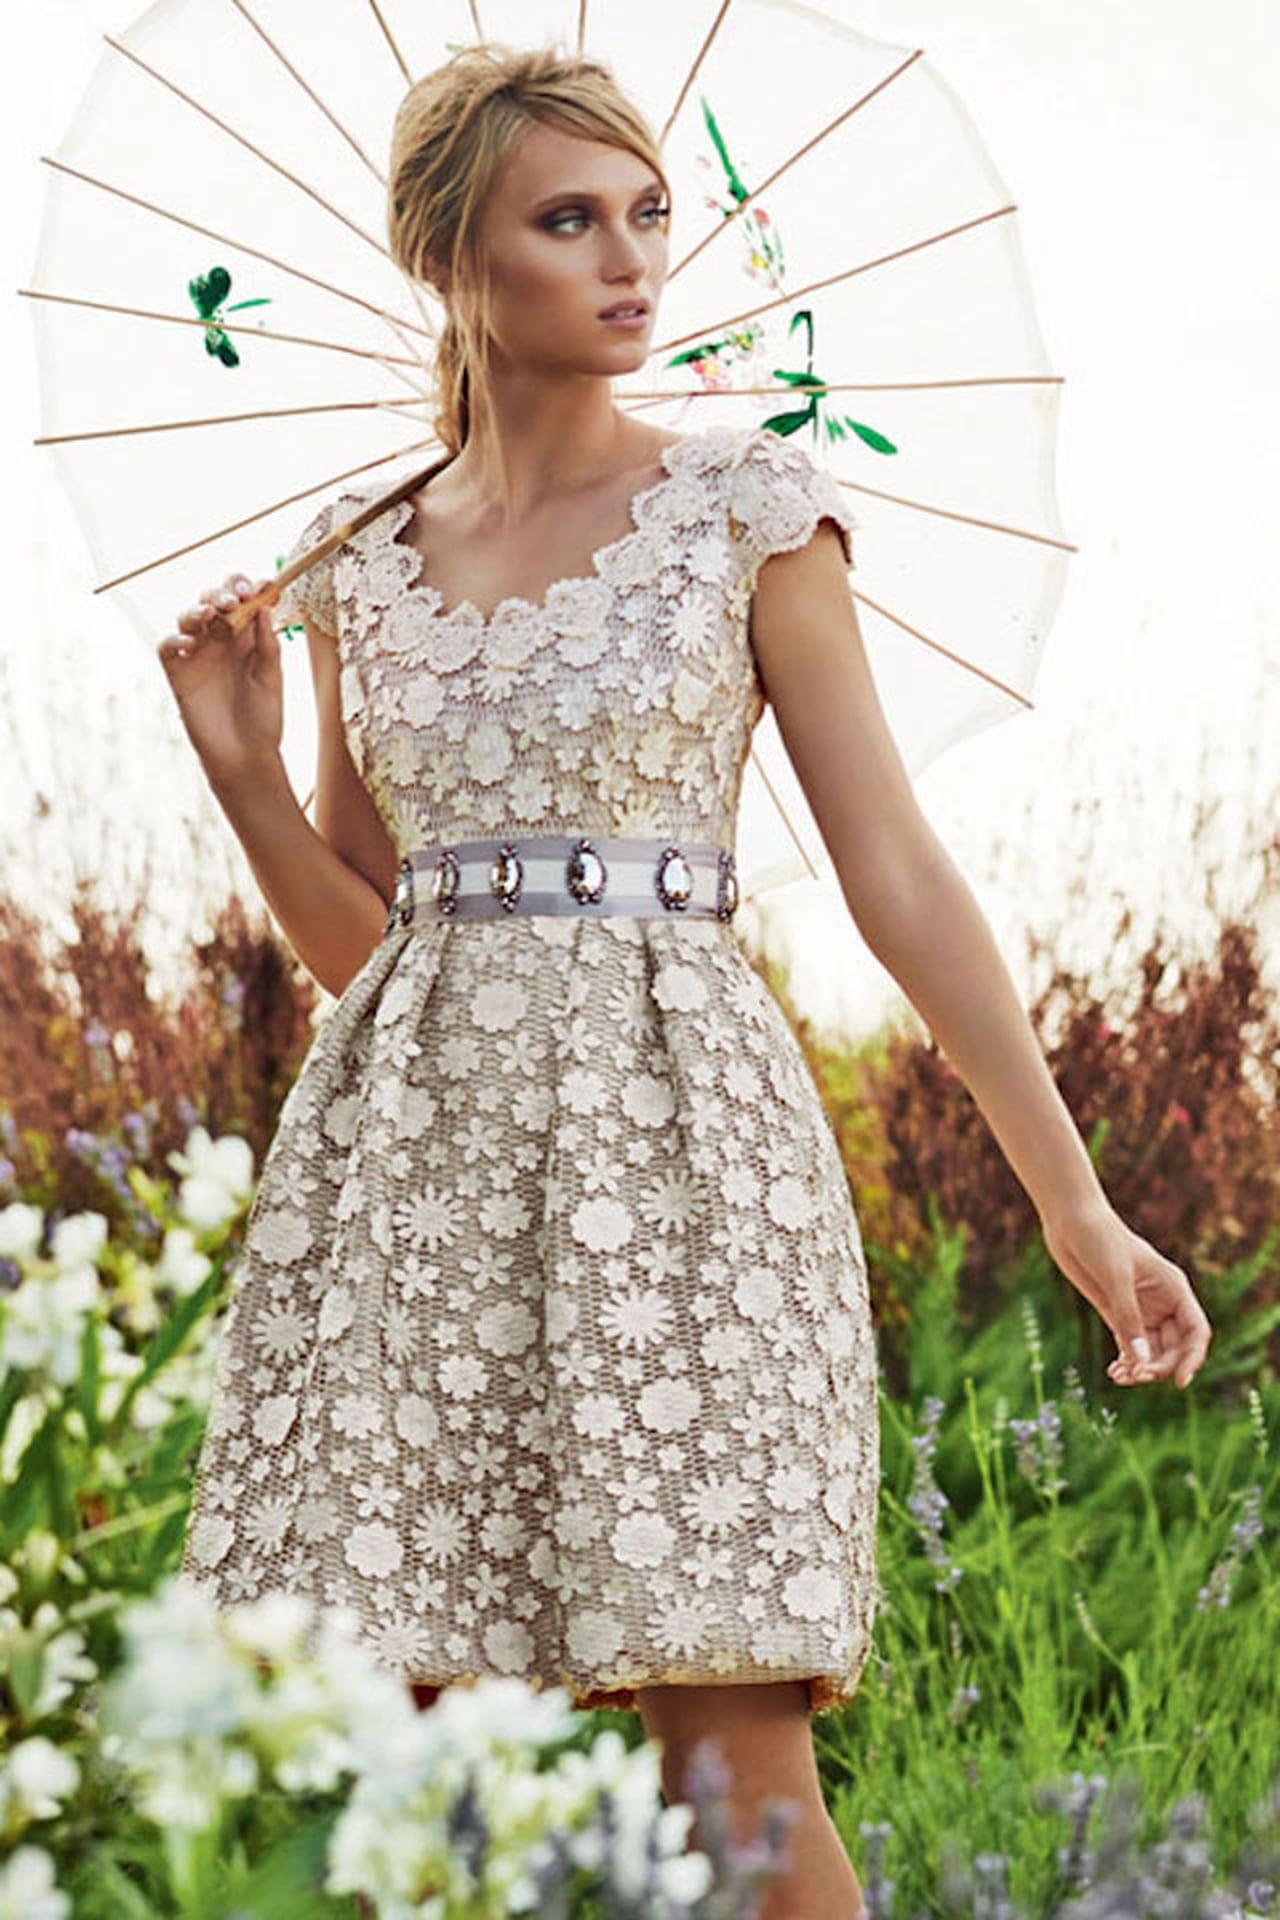 online retailer 13a80 885d6 Vestiti a palloncino: passe-partout di Primavera